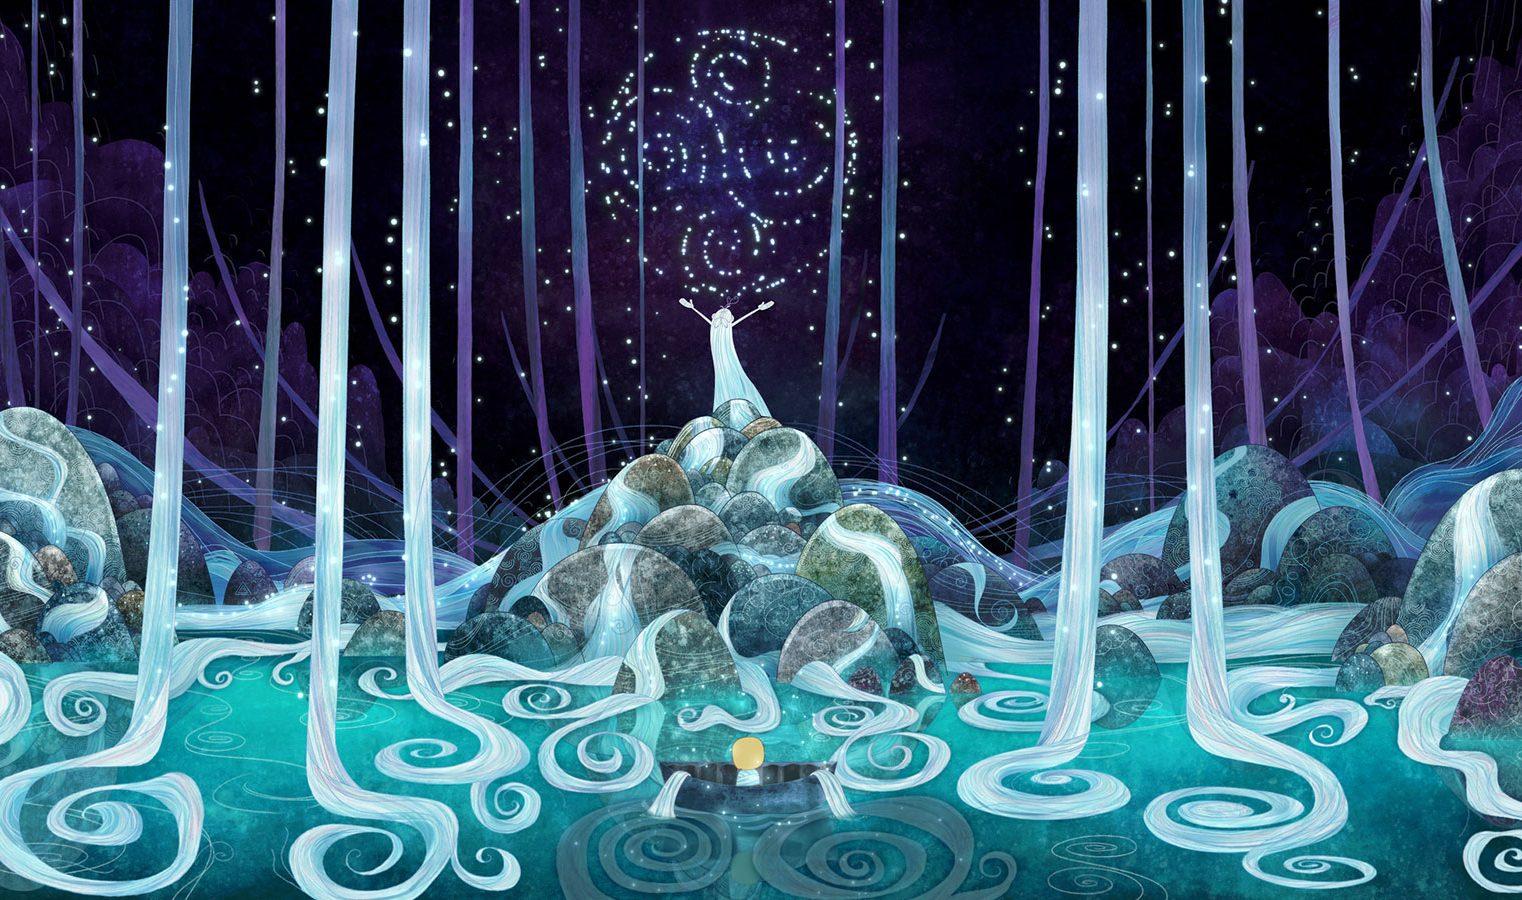 アイルランドのアニメスタジオ「カートゥーン・サルーン」を知ってる?